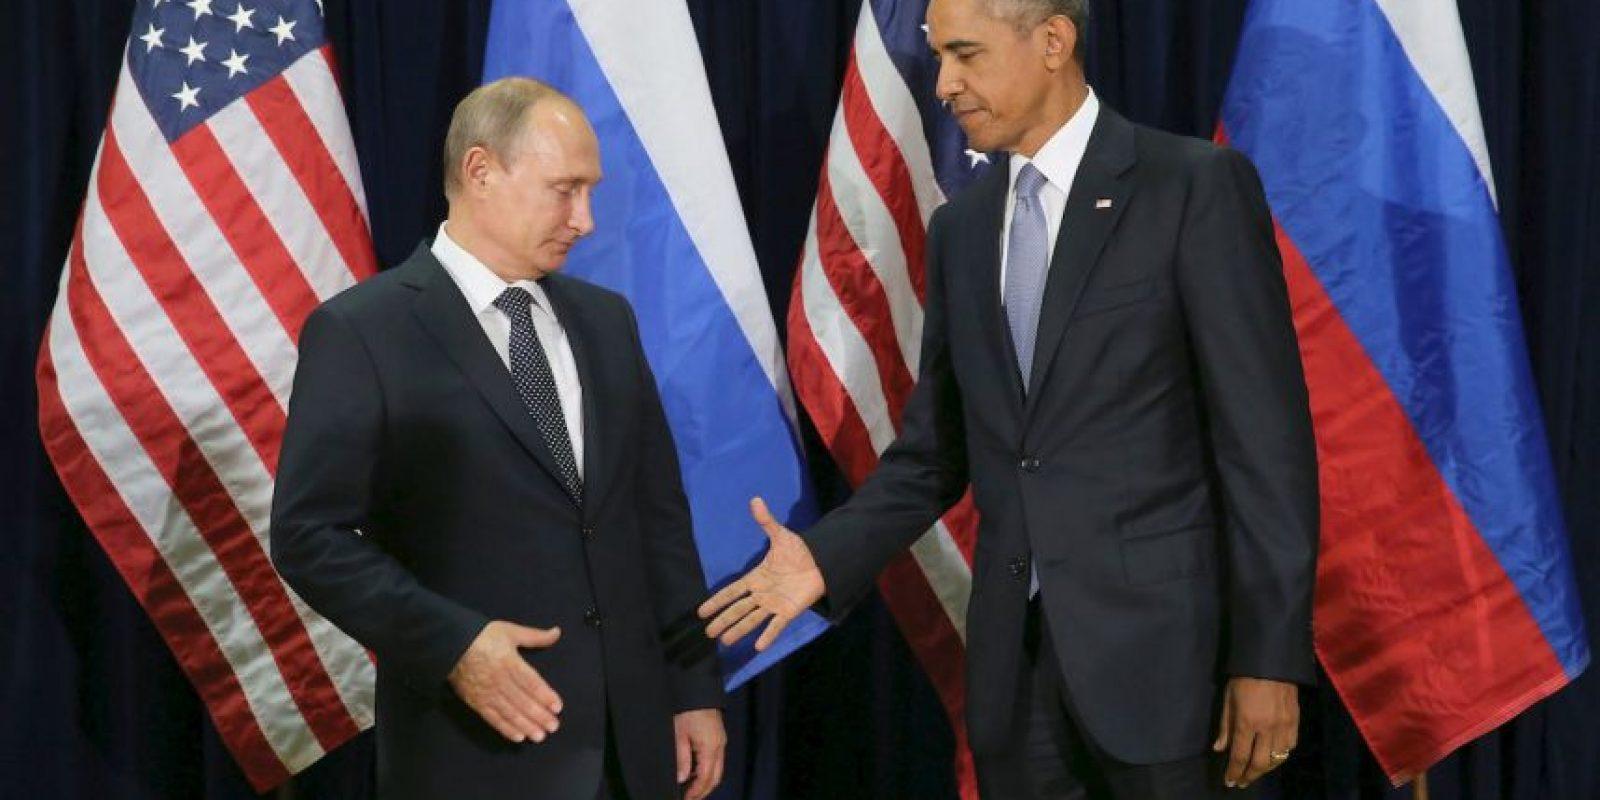 Entre los más recientes estuvo el incómodo saludo entre el presidente de Rusia Vladimir Putin y el presidnete de Estados Unidos, Barack Obama. Foto:Getty Images